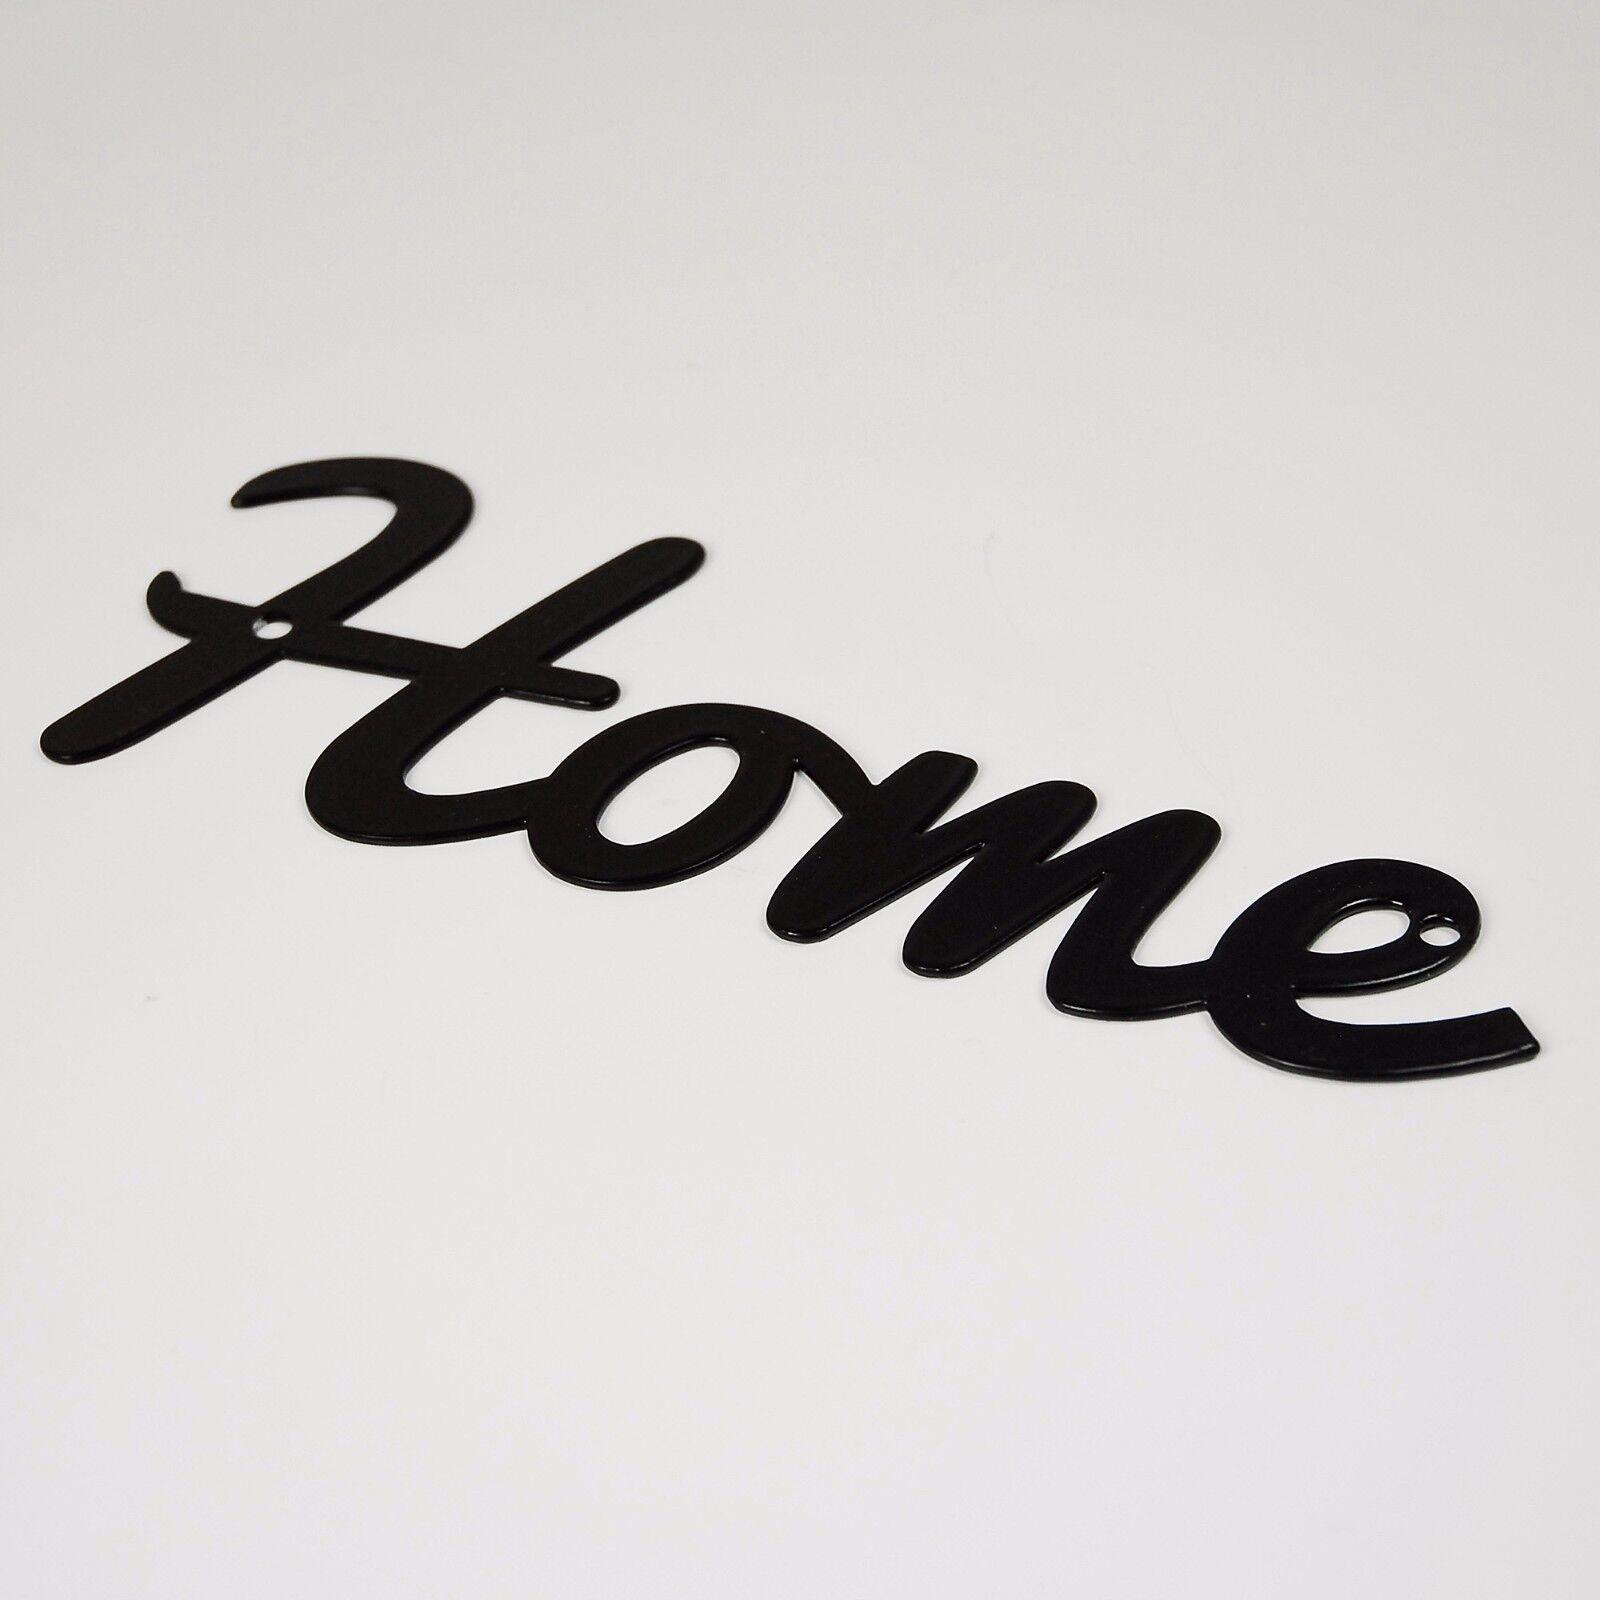 Black Flat Cut Metal Silhouette Wall Art Letter Plaque Sign Indoor /& Garden